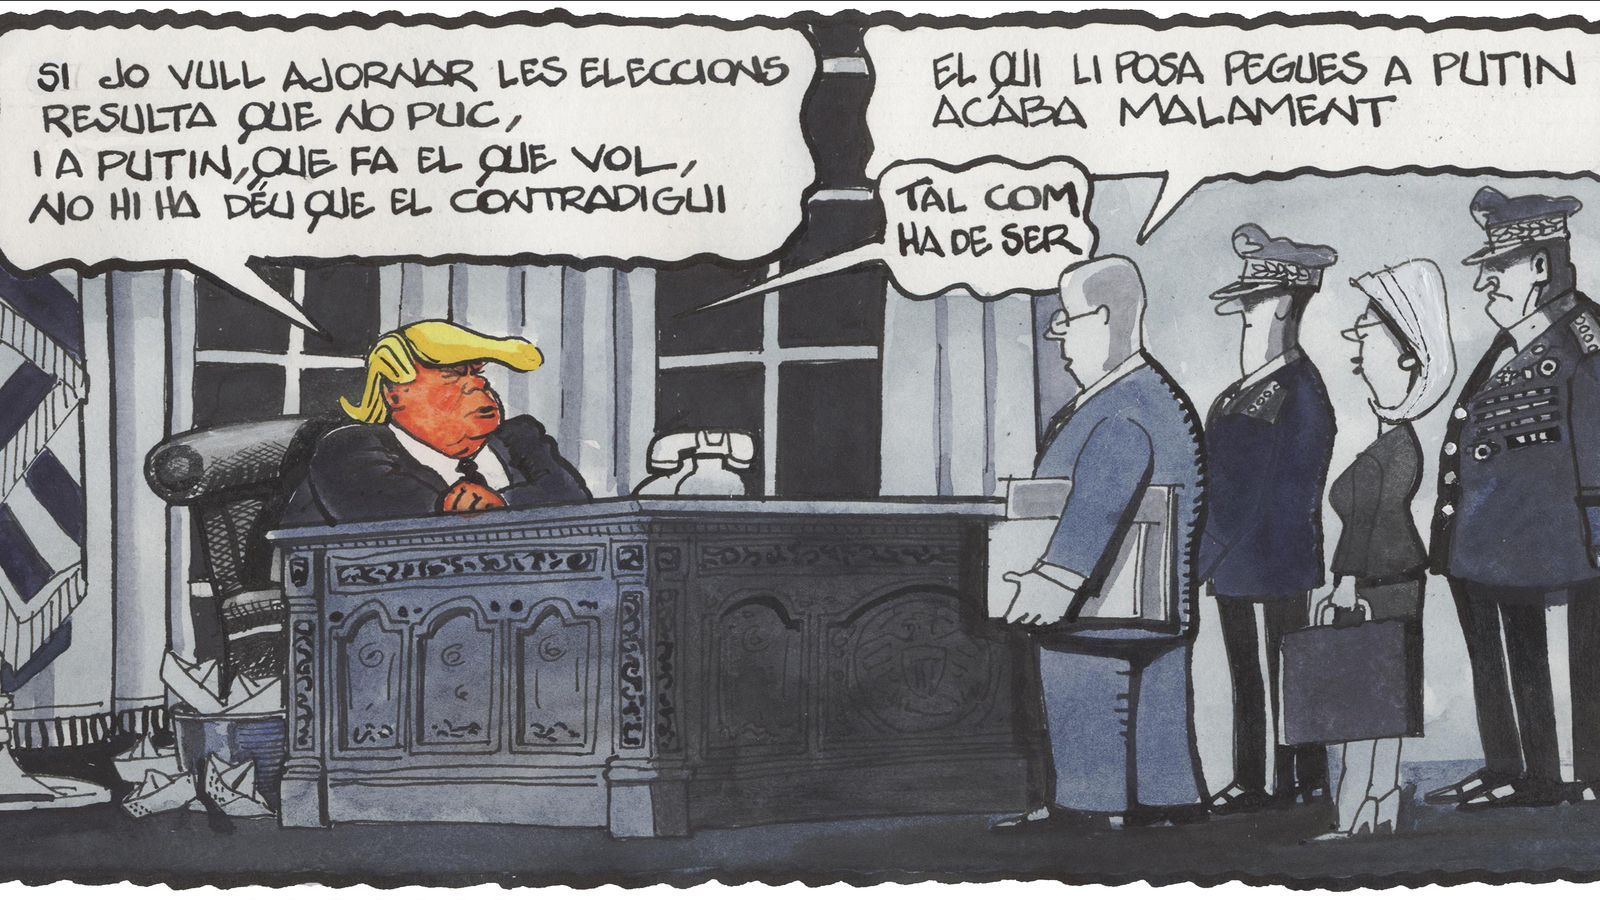 'A la contra', per Ferreres 04/08/2020